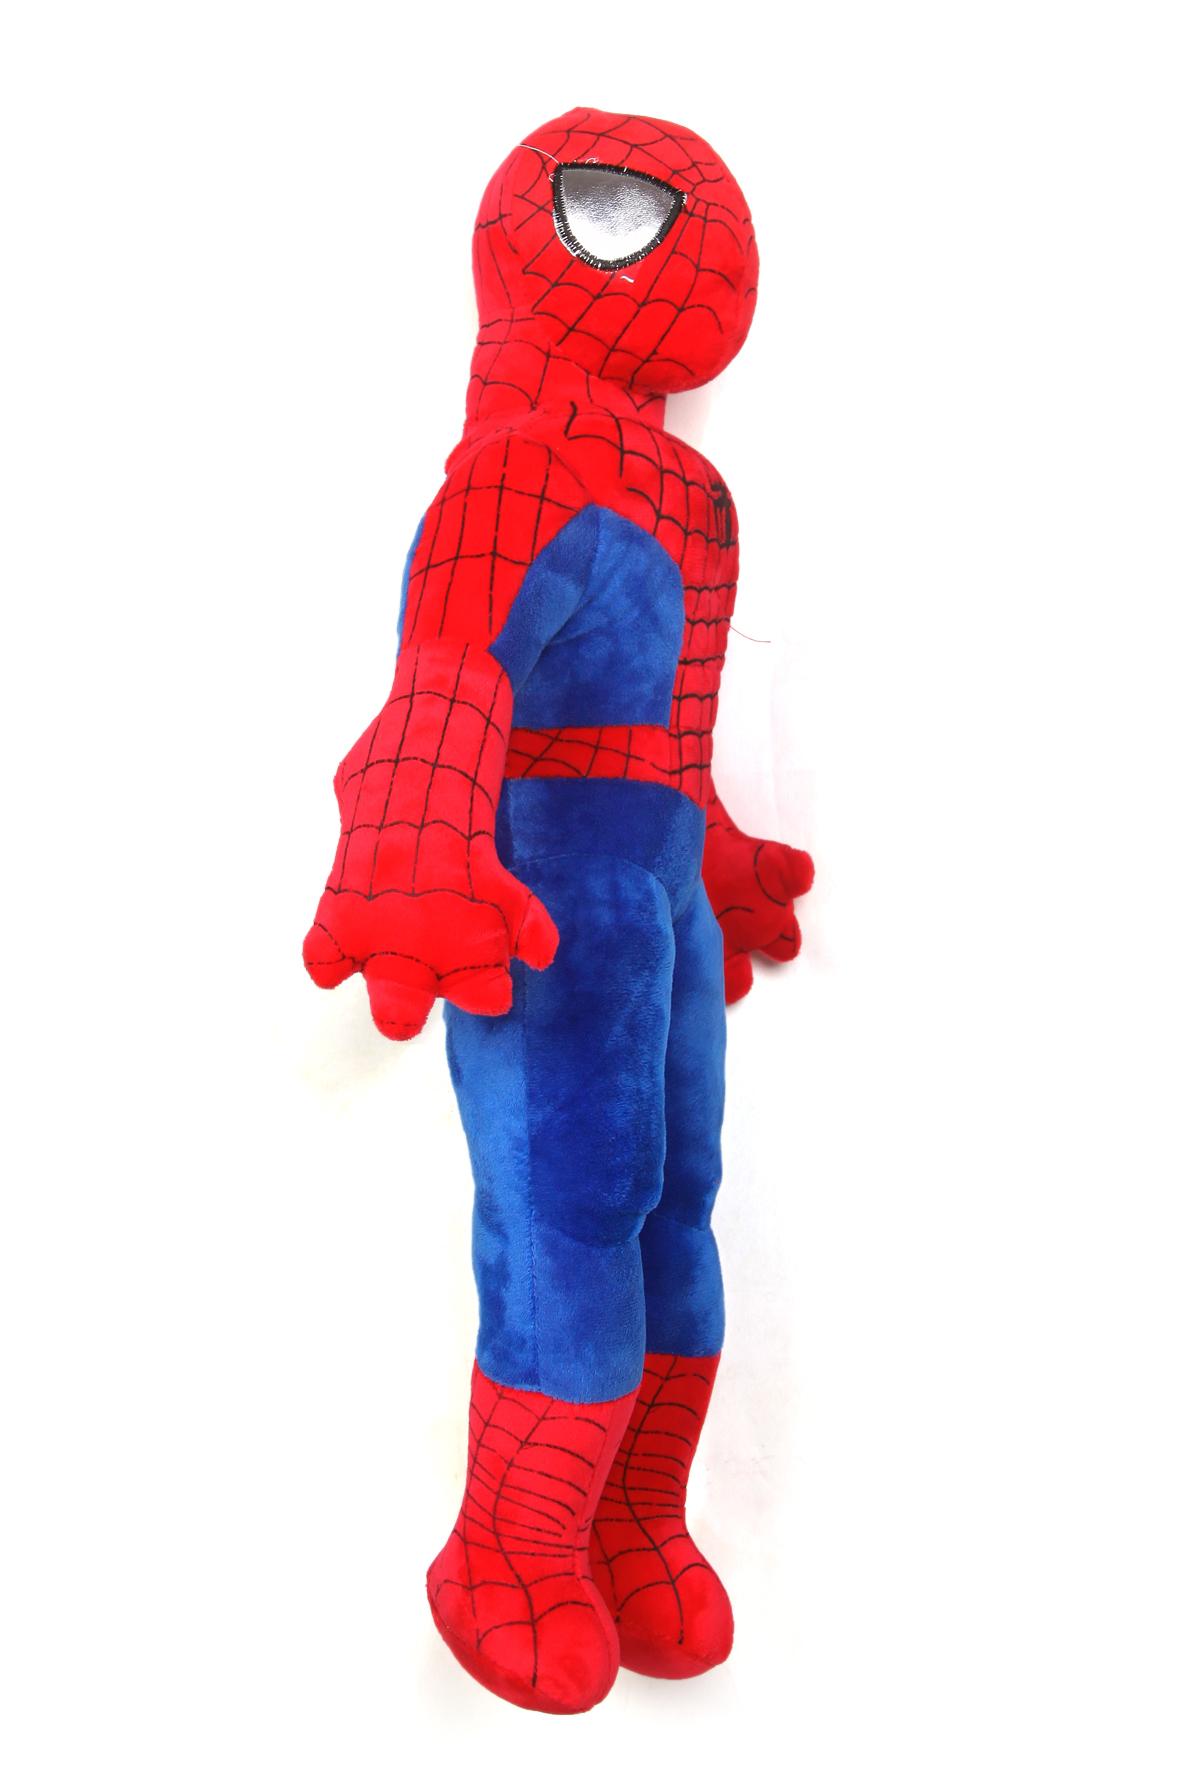 Gấu bông siêu nhân người nhện size 60cm